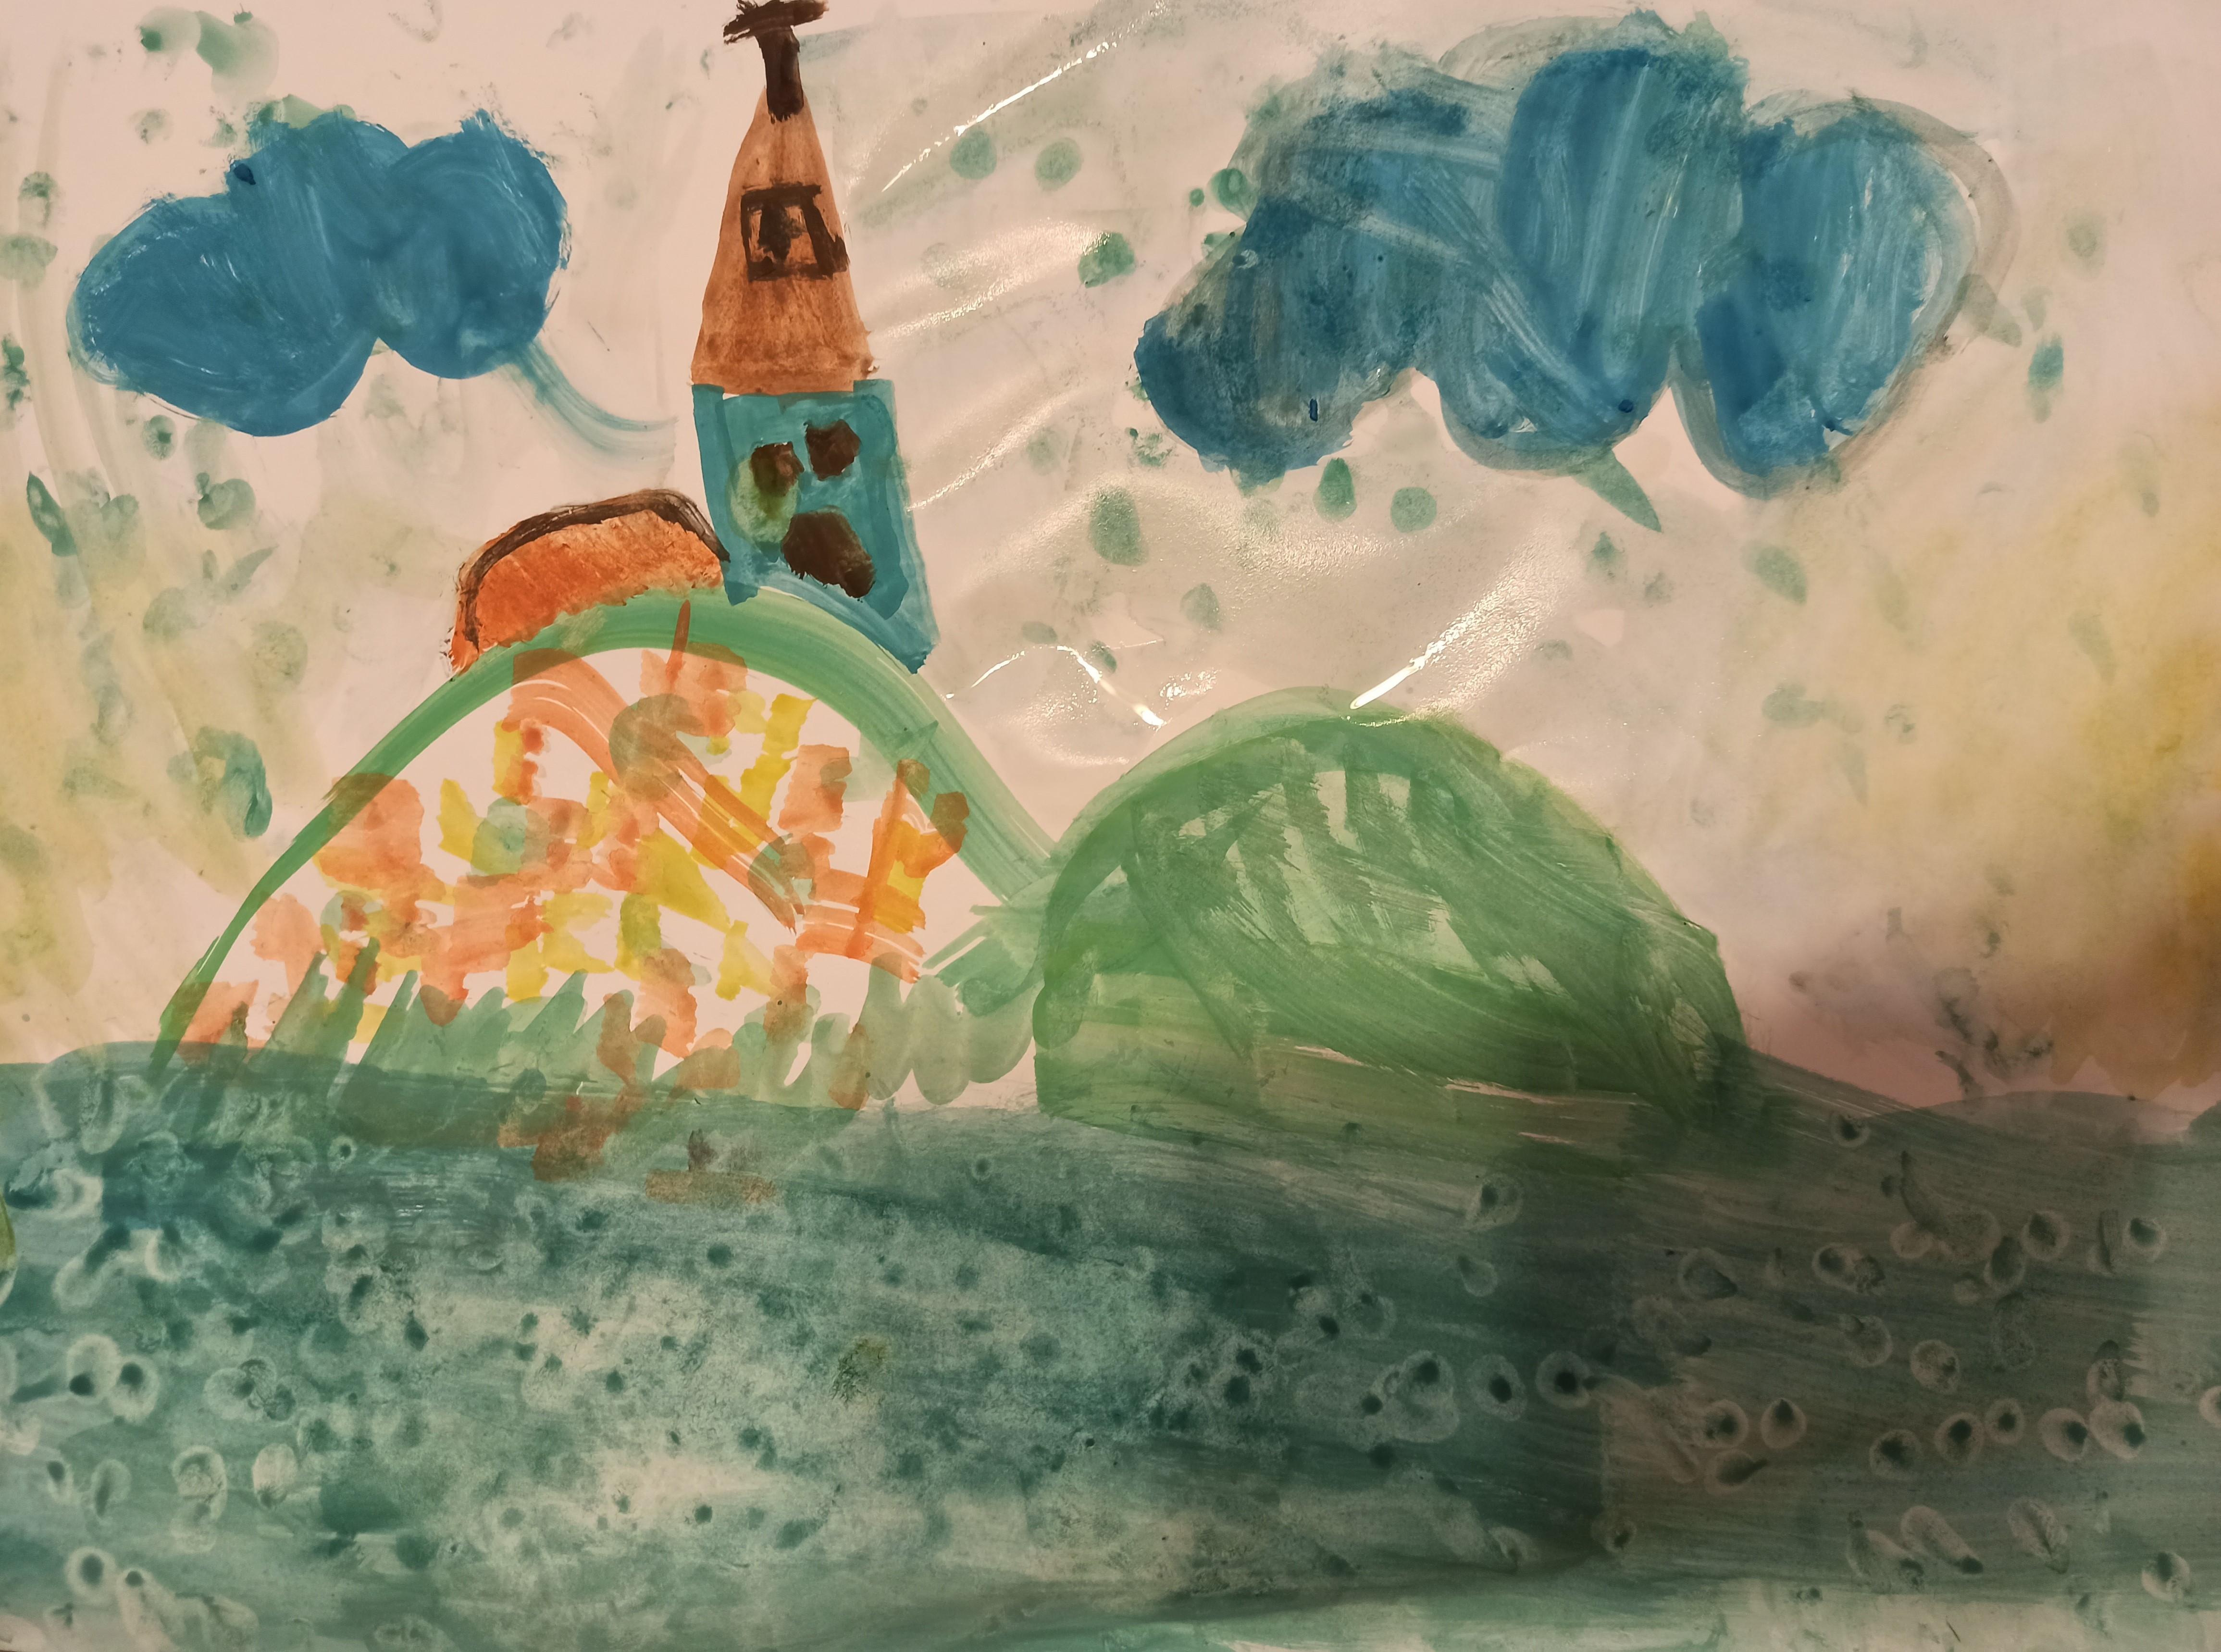 galerija-praznik-9